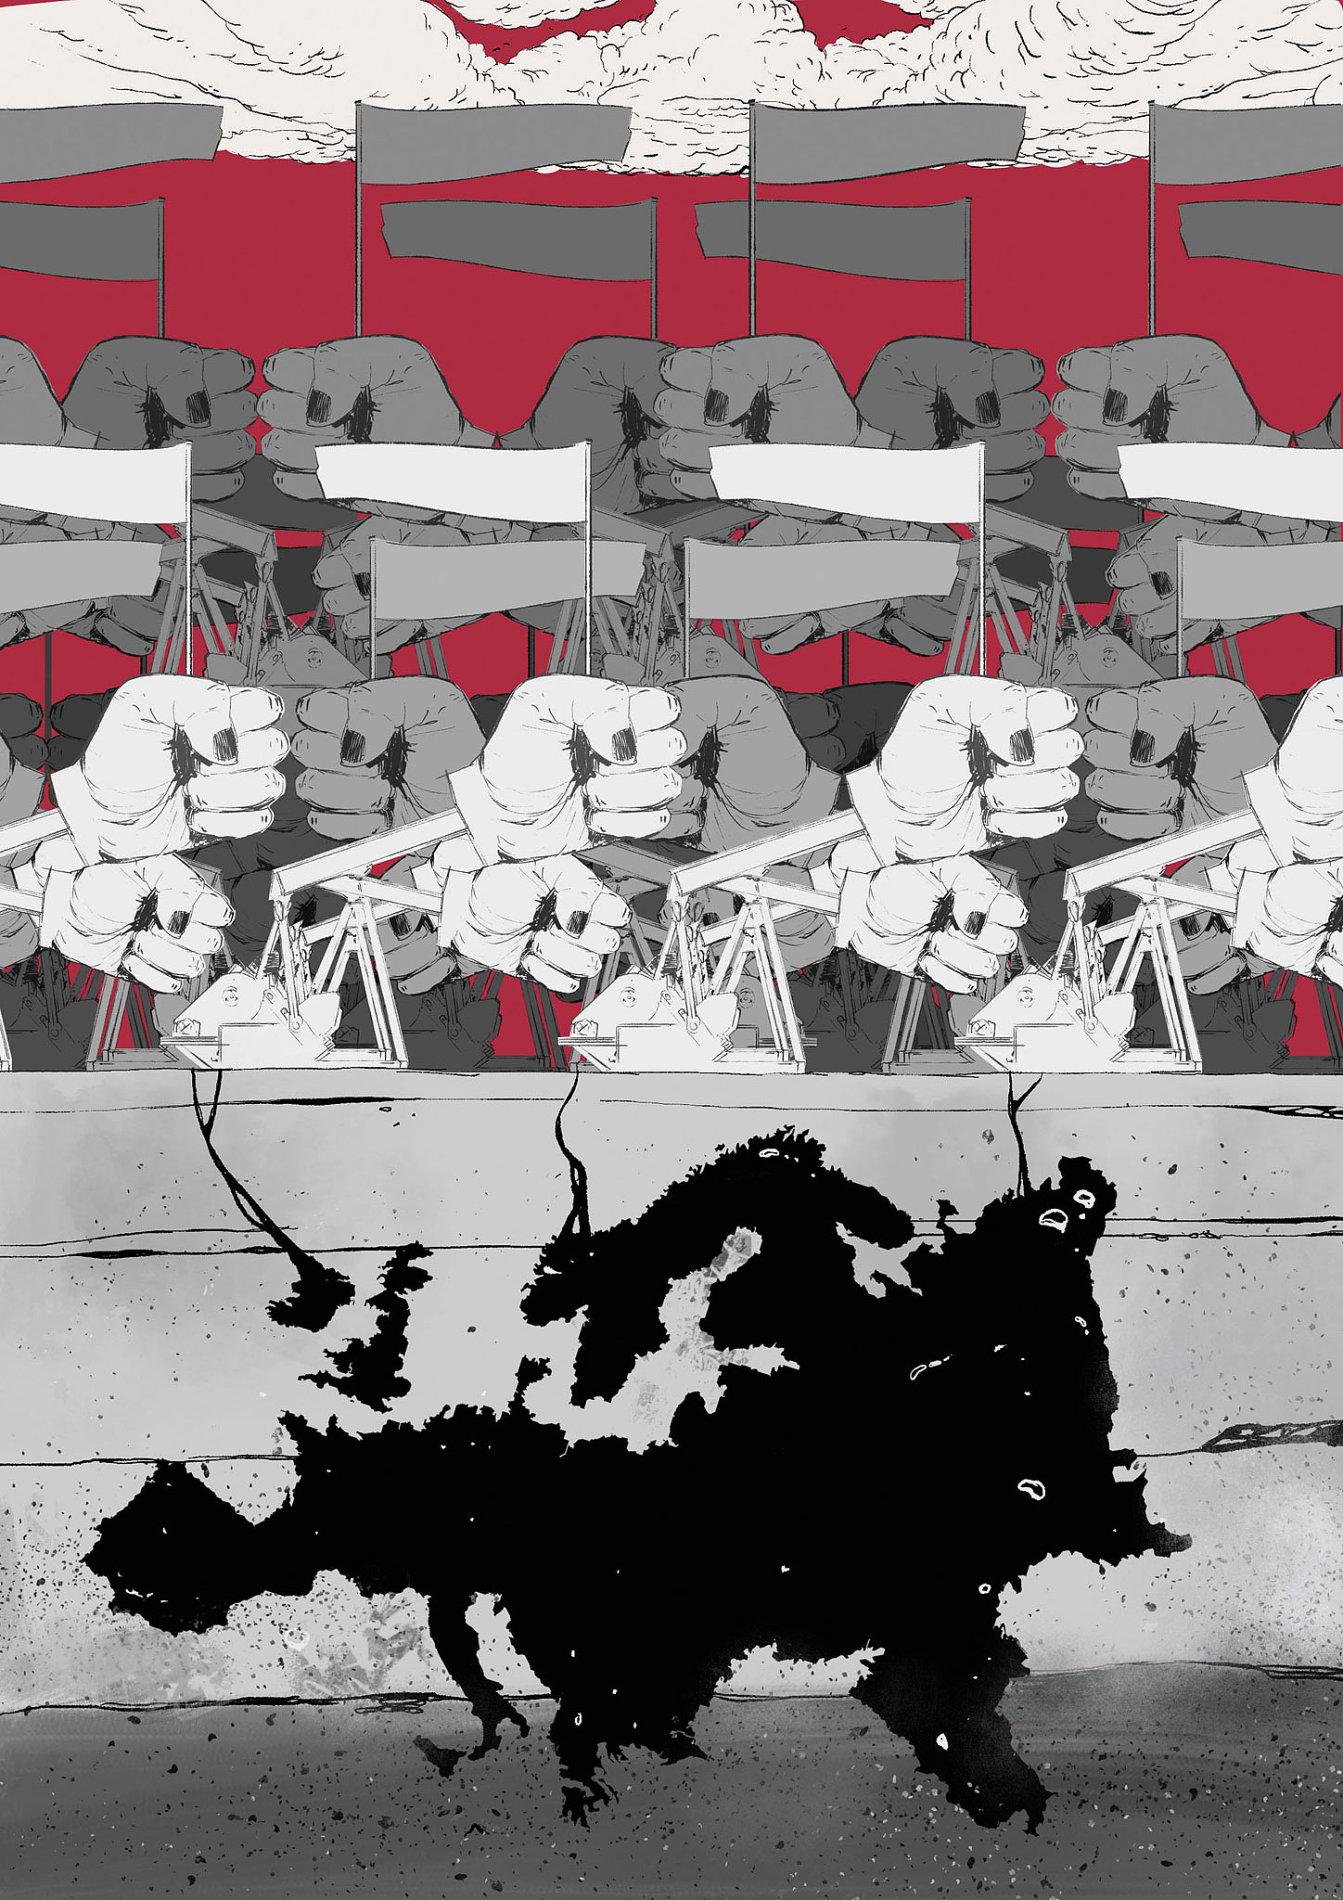 Krajní pravice dobývá Evropa - ilustrace Dominik Miklušák